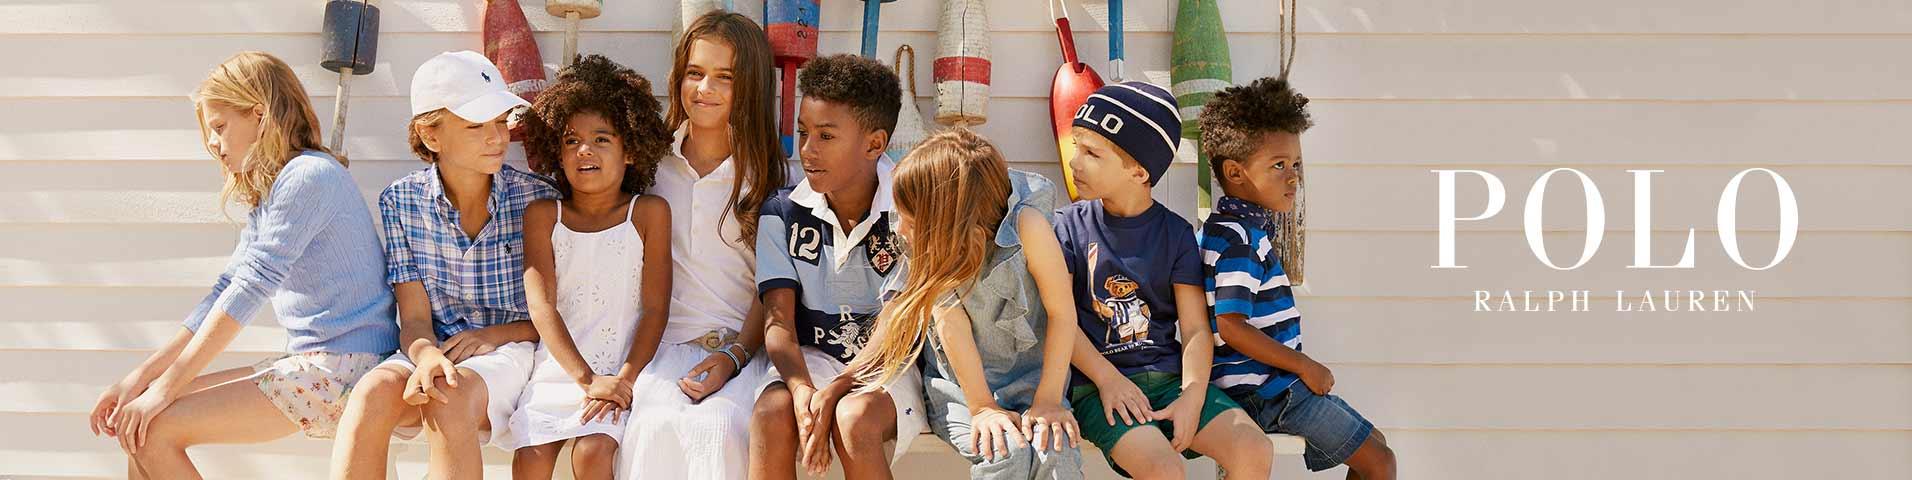 35f28d7890 Collezione bimbi Polo Ralph Lauren | Promo su Zalando